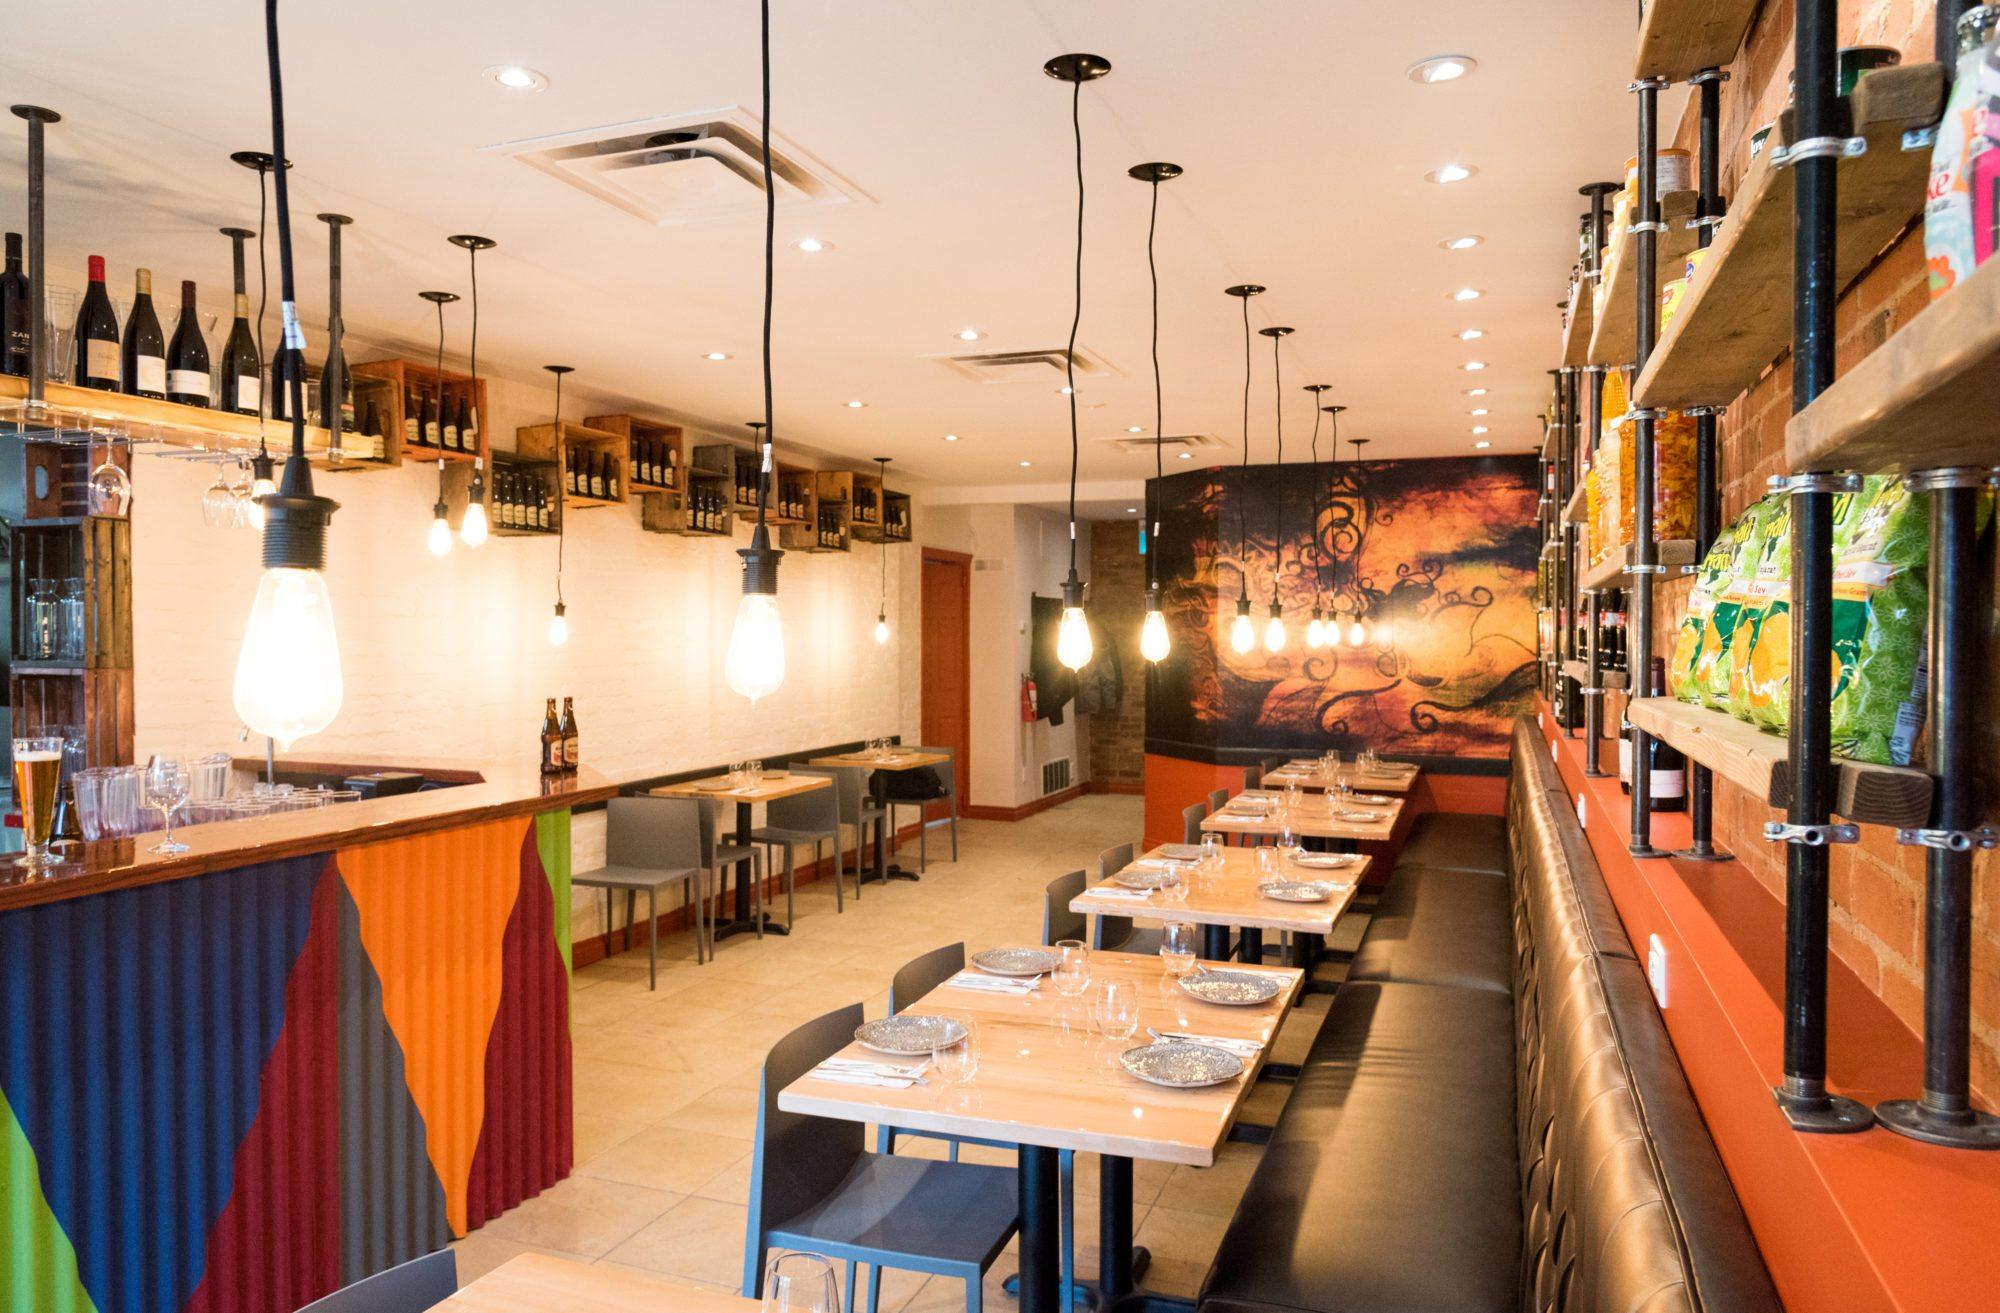 toronto-restaurants-leela-indian-food-bar-amaya-hemant-bhagwani-the-junction-interior